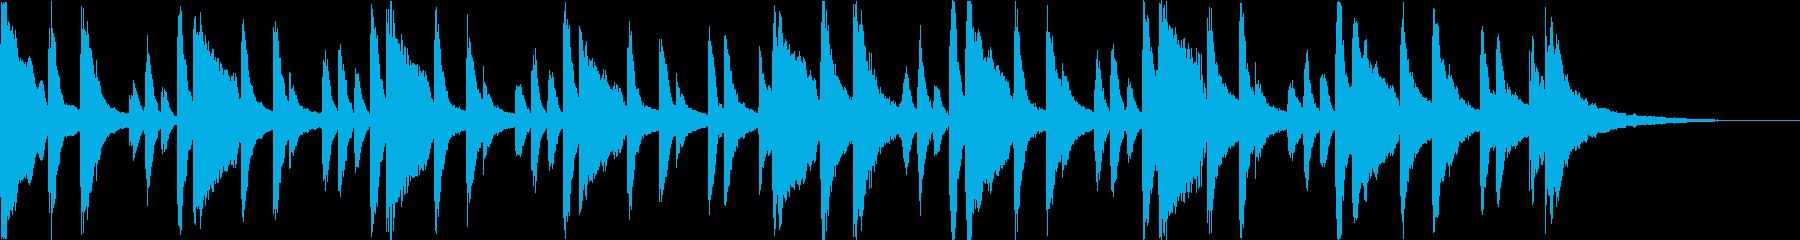 軽快なピアノとベルとドラムのBGMの再生済みの波形